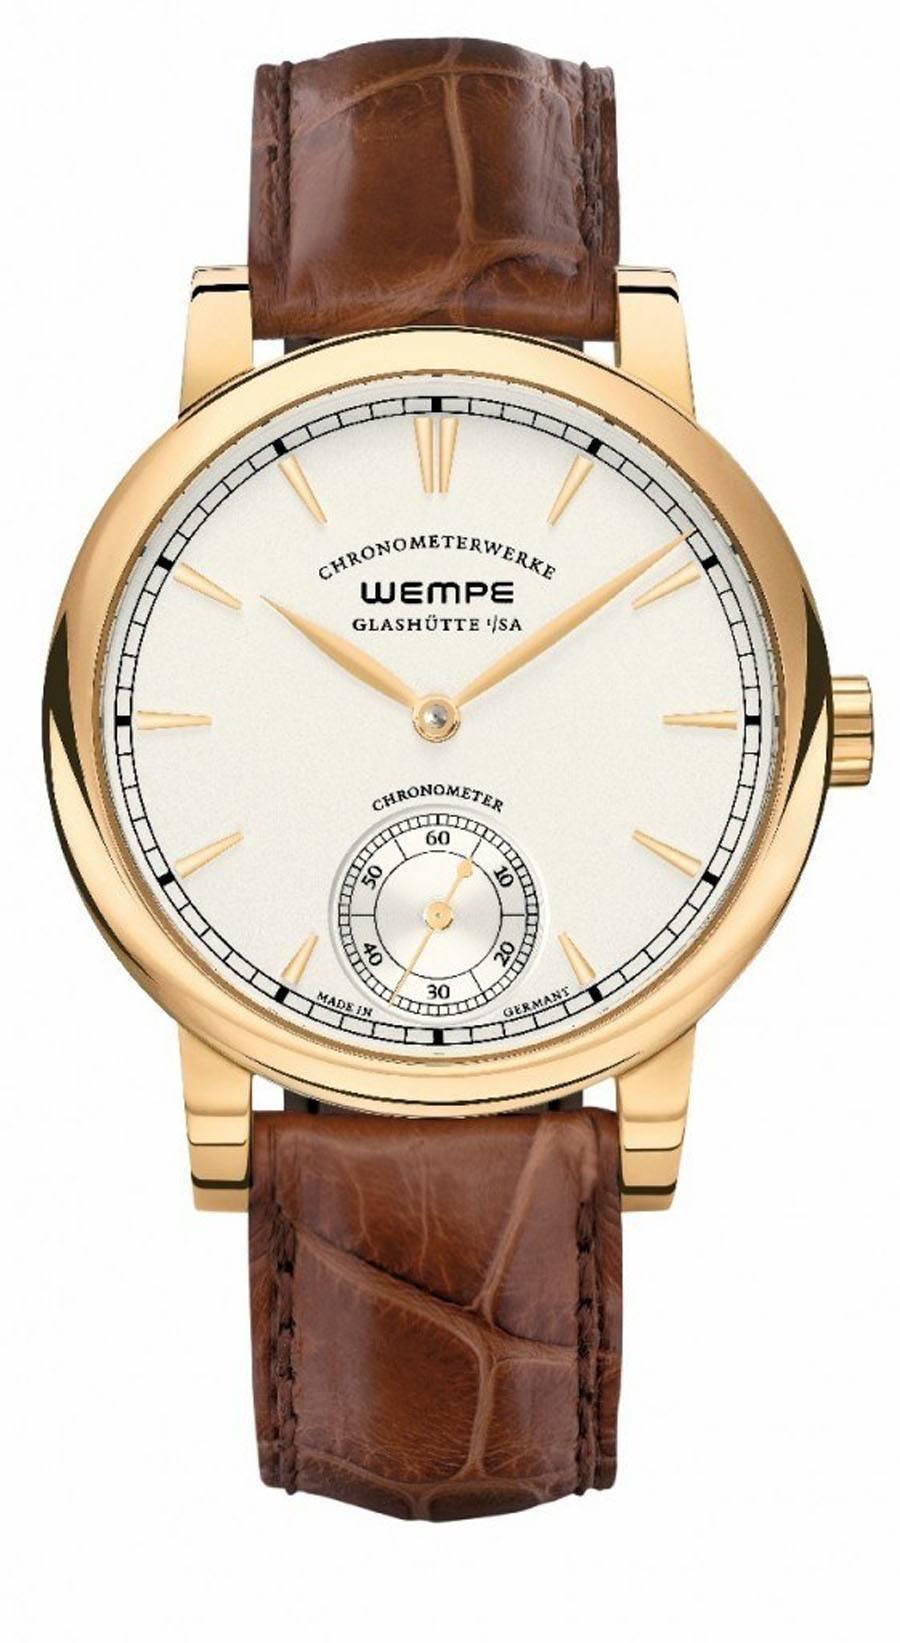 Der Chronometer verzichtet auf die Anzeige der Gangreserve bei zwölf Uhr und wird dadurch kleiner im Durchmesser.